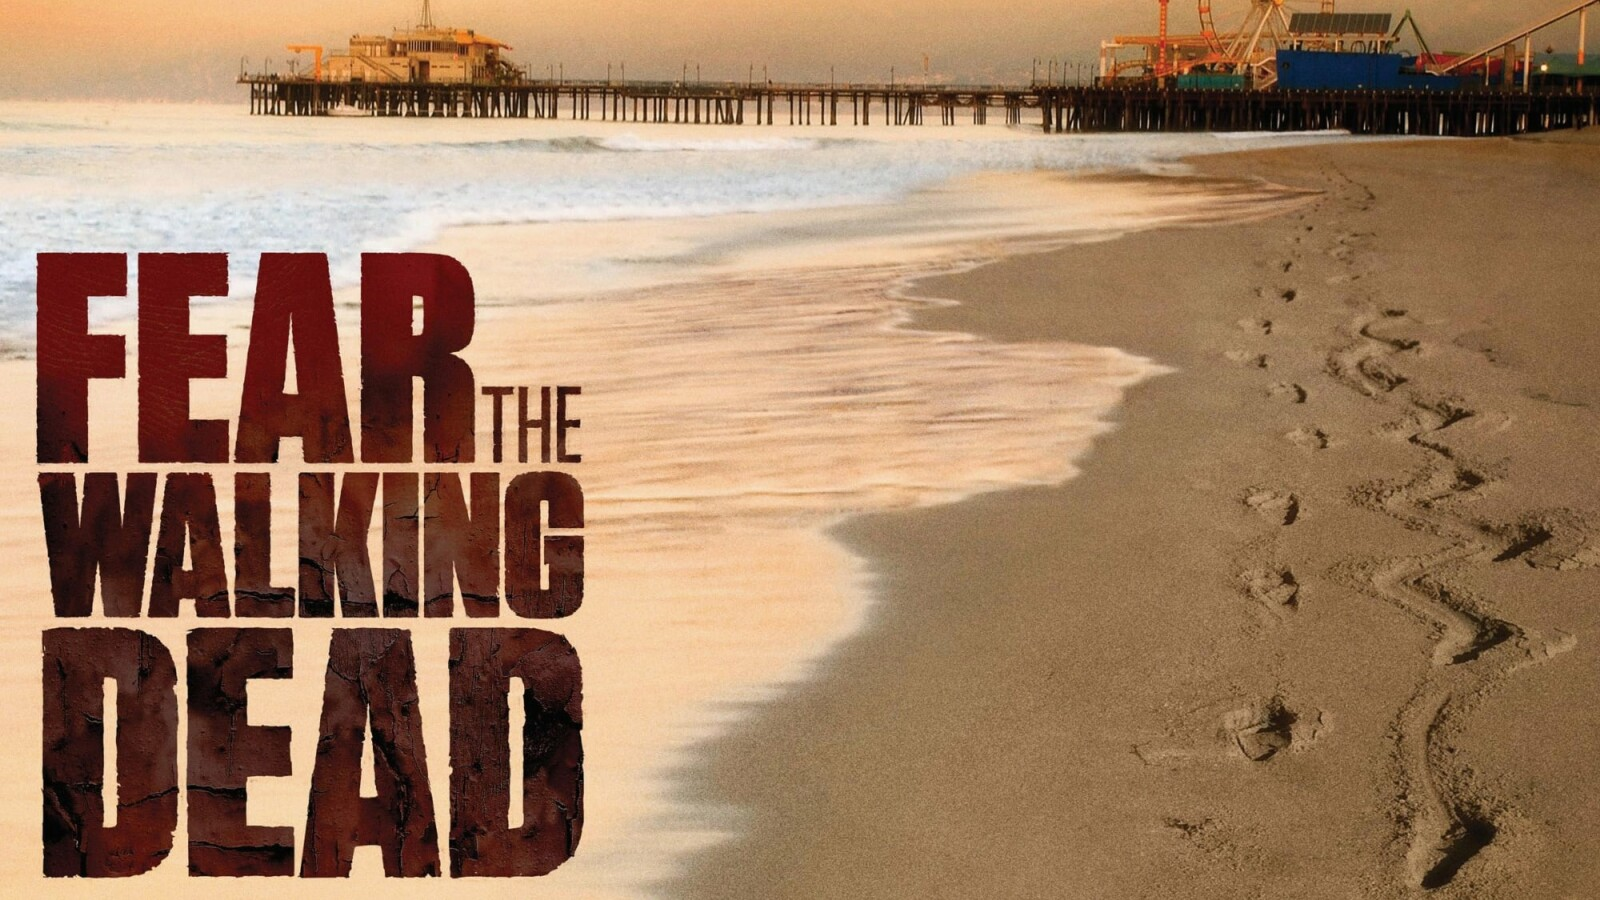 Auf Welchem Sender Läuft The Walking Dead